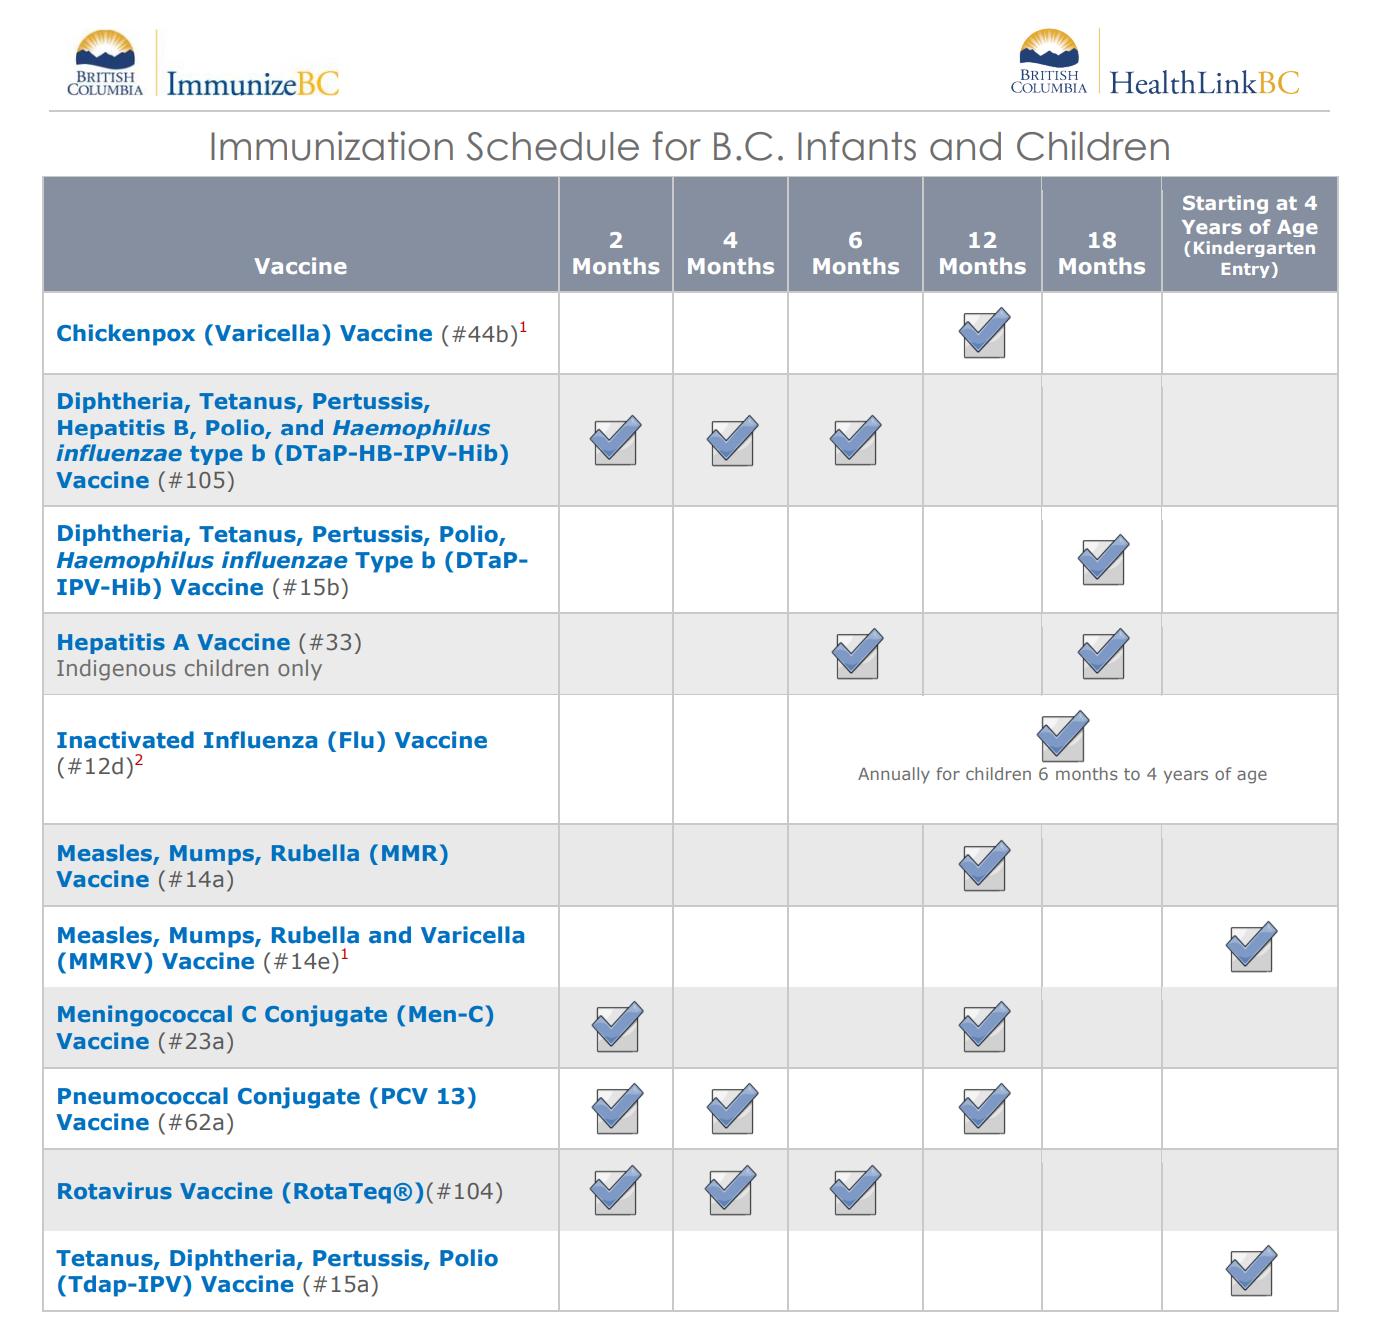 17.5 British Columbia Immunization Schedule - Infants and Children